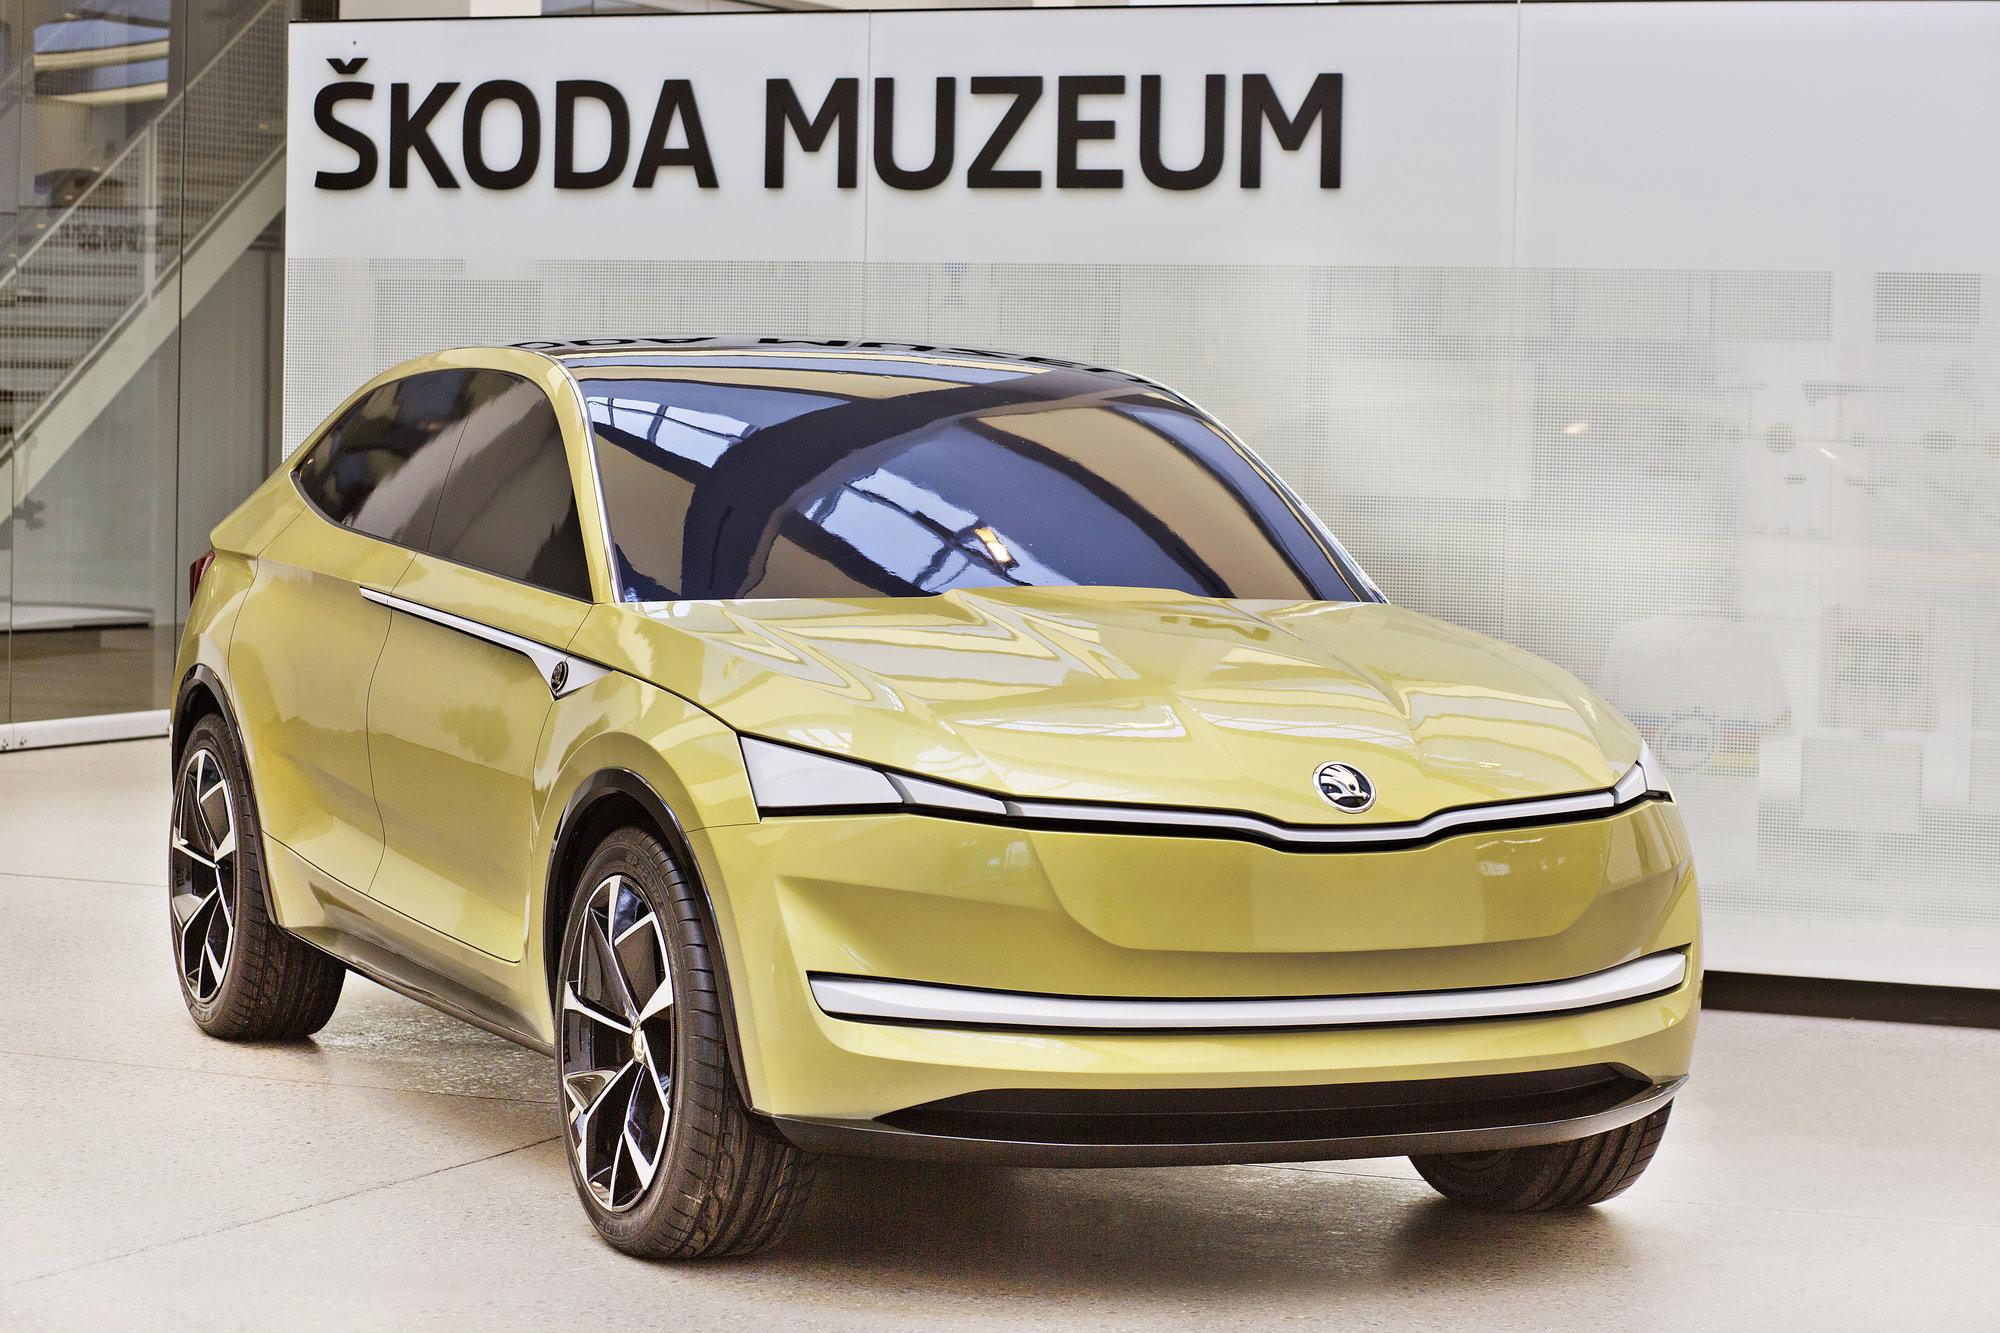 Lakovaný hliněný model Škoda Vision E si můžete prohlédnout v muzeu mladoboleslavské automobilky od 21. dubna do 12. května